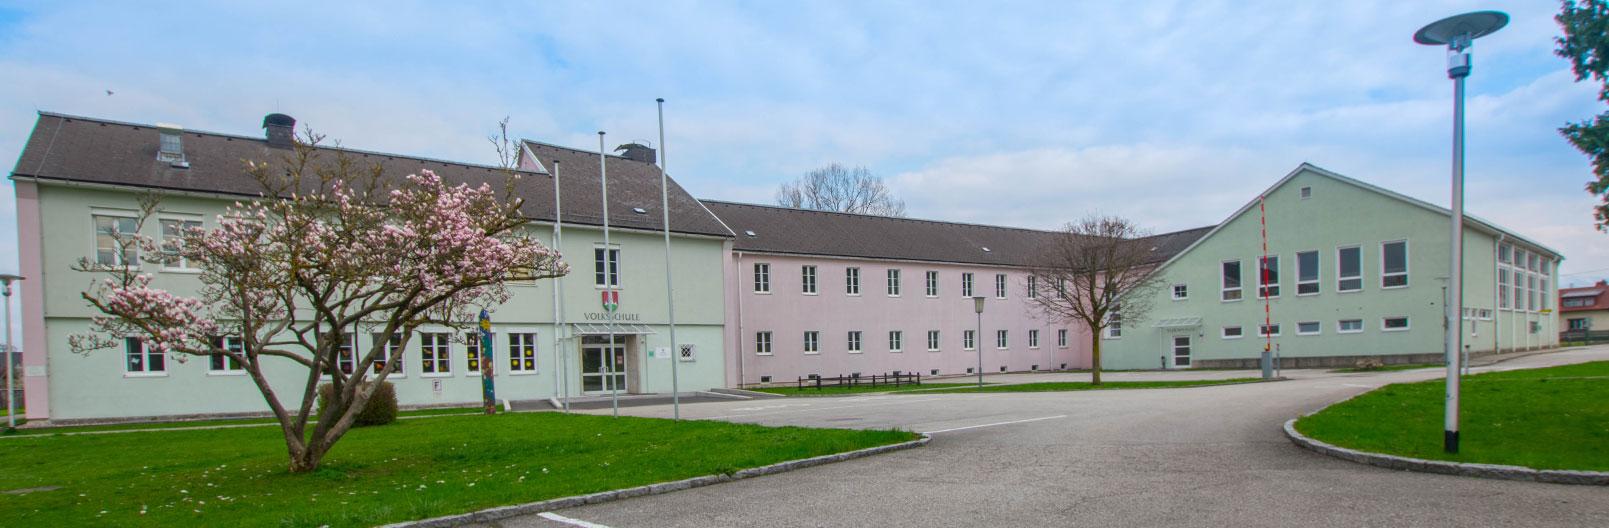 slider_home_volksschule2